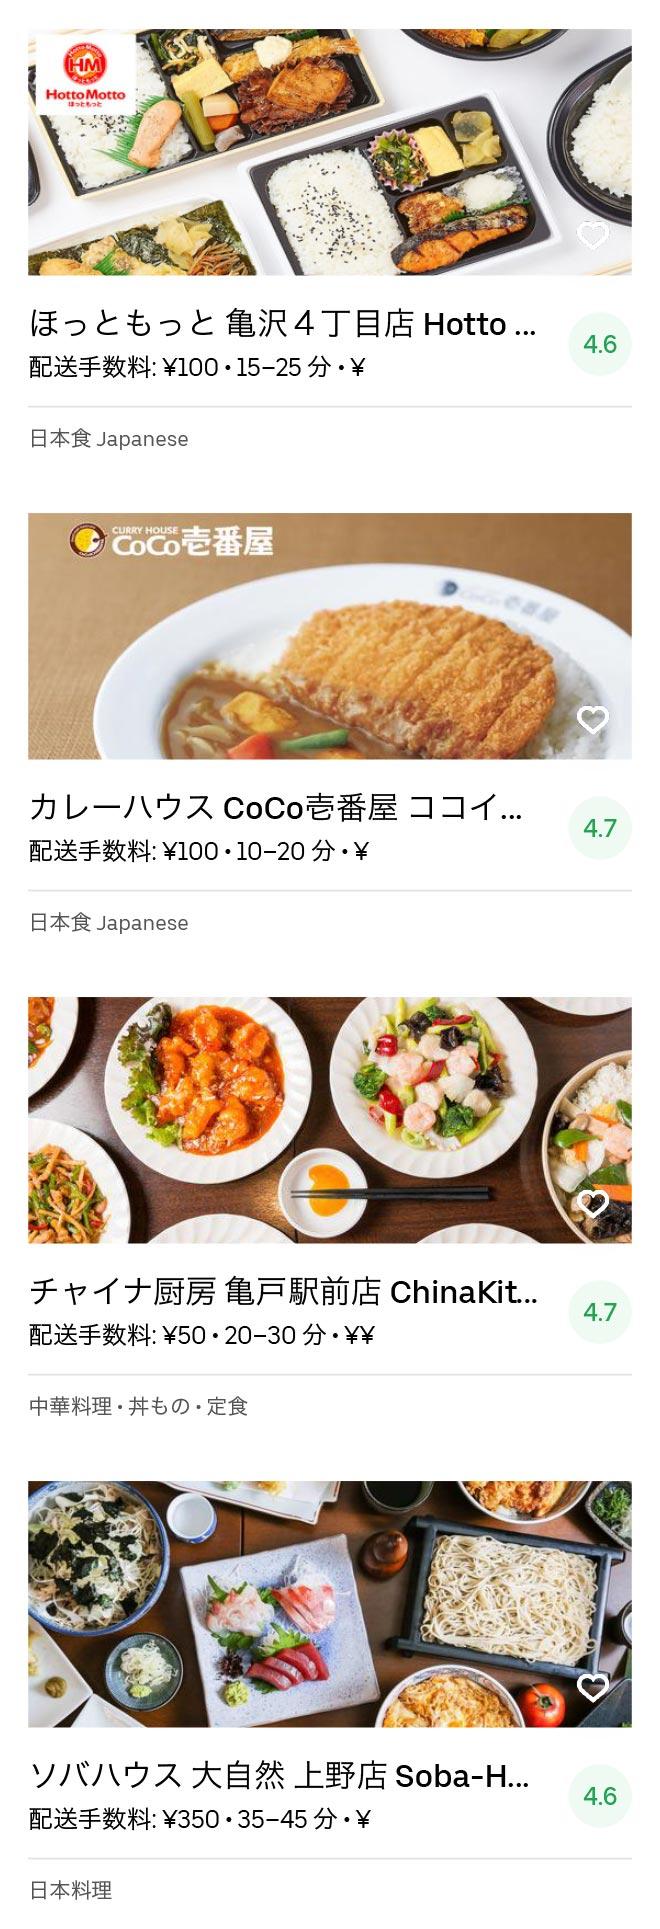 Tokyo kinshicho menu 2005 11